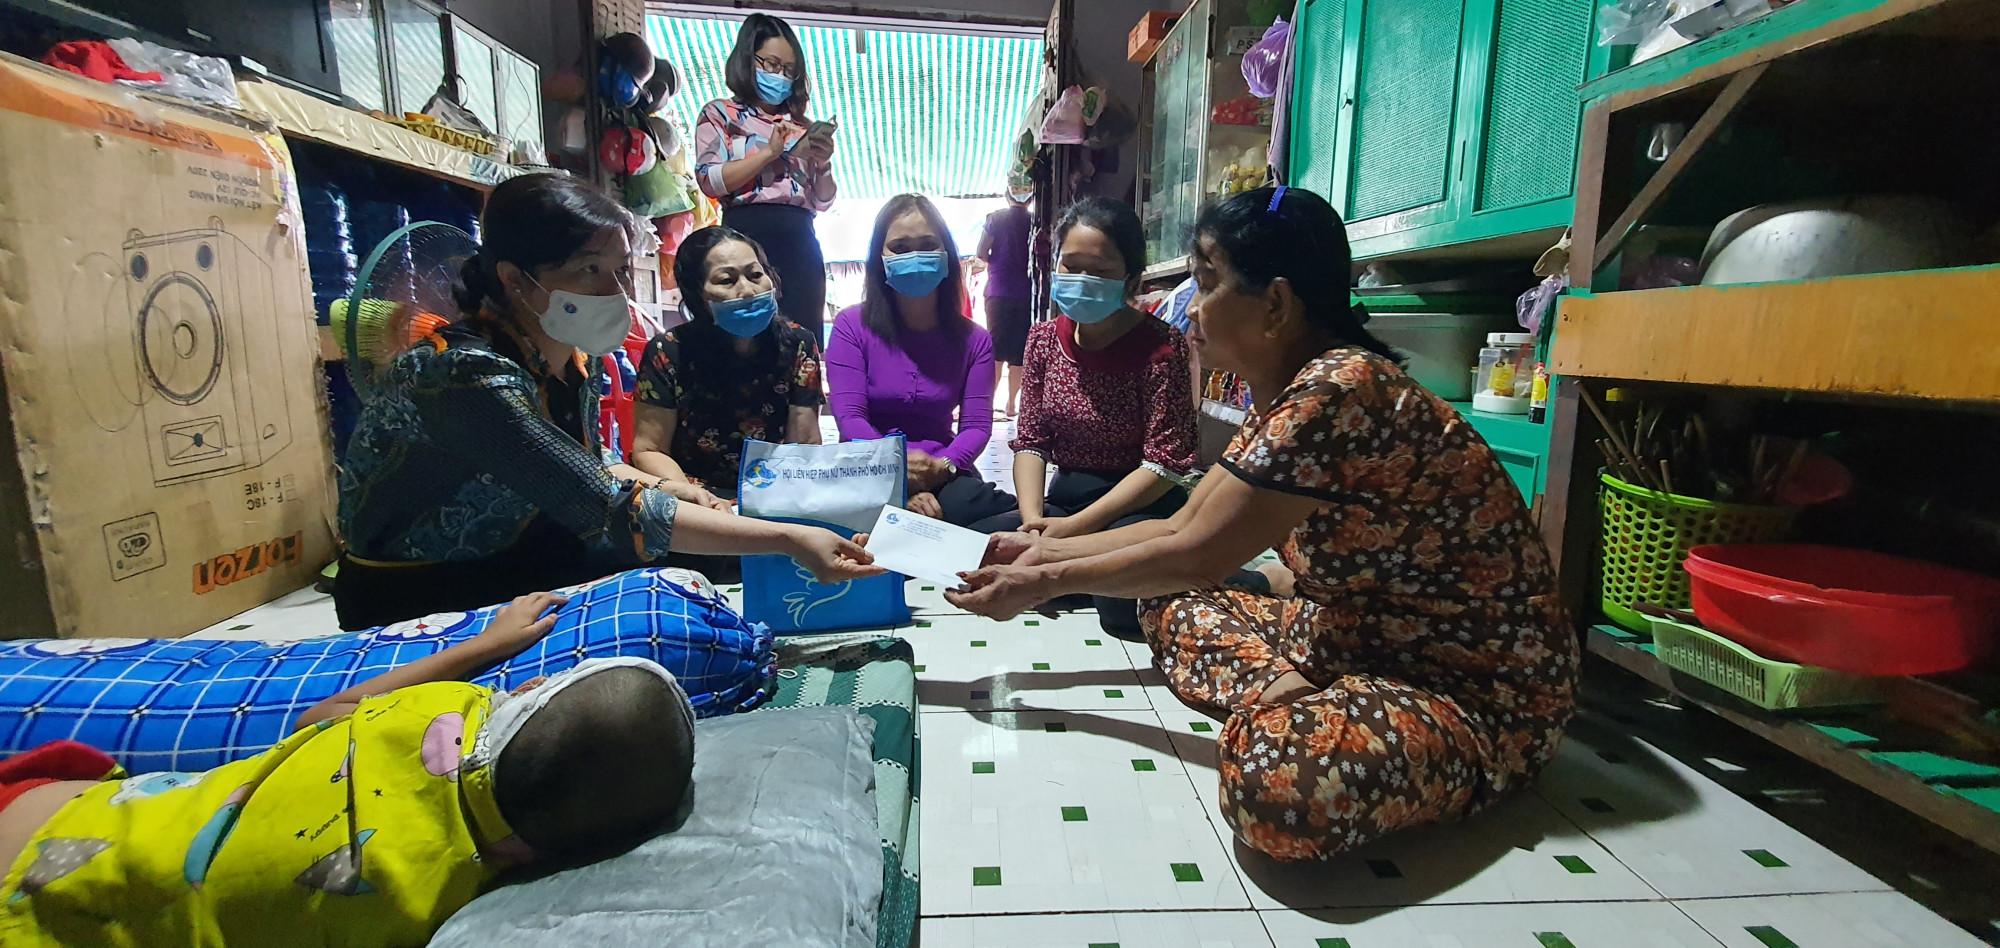 Hội LHPN TPHCM cùng với Luật sư Trần Thị Ngọc Nữ, Hội LHPN huyện Bình Chánh đến thăm gia đình.